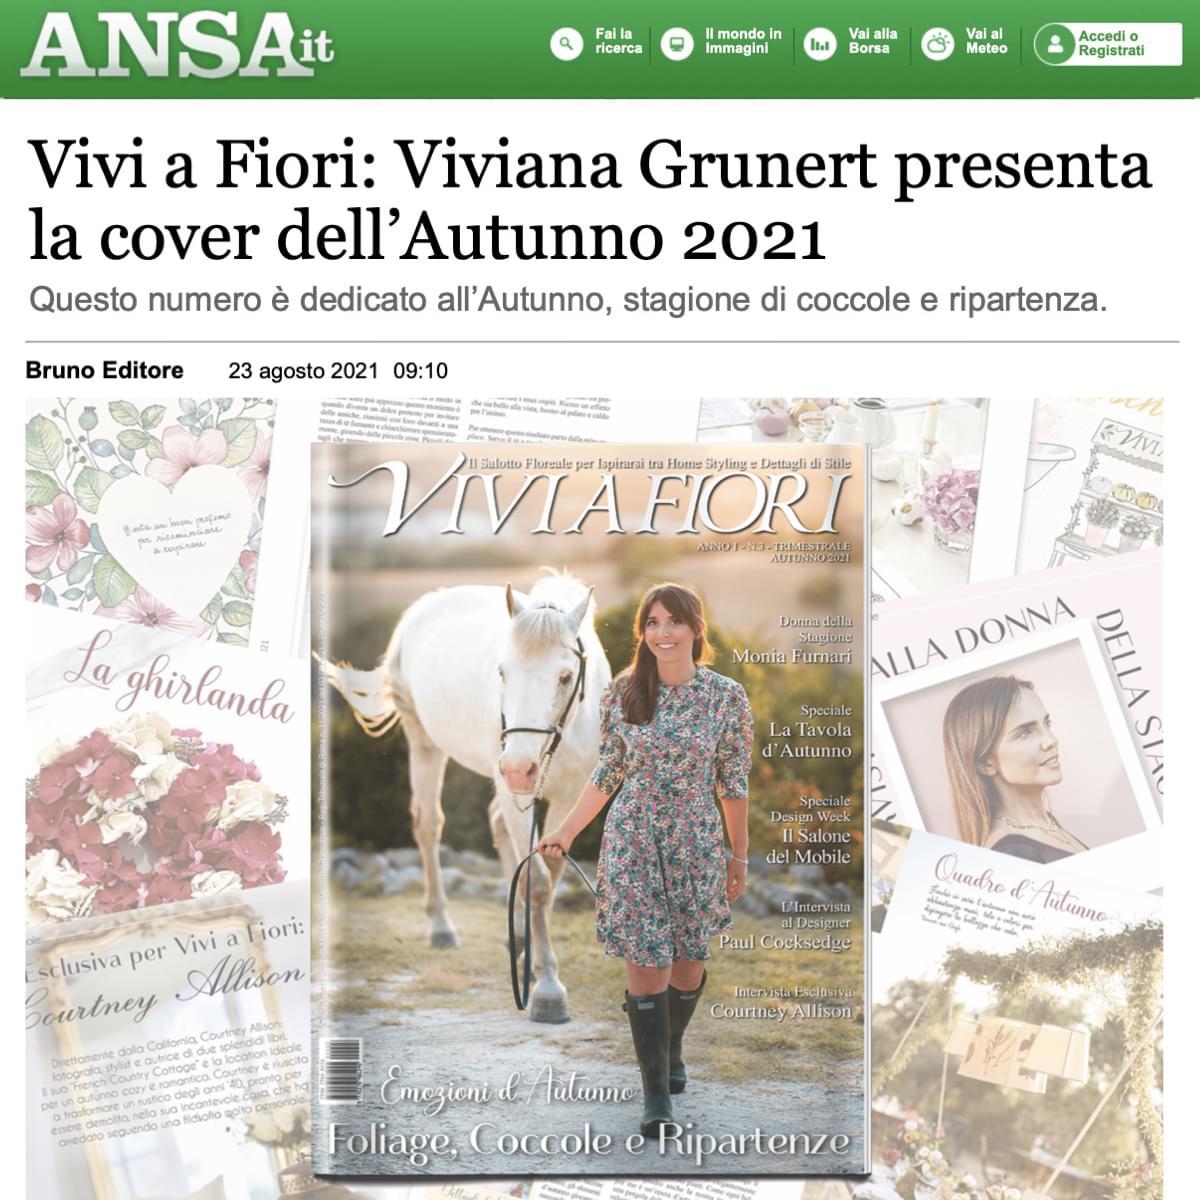 Viviana Grunert su ANSA-23.08.2021